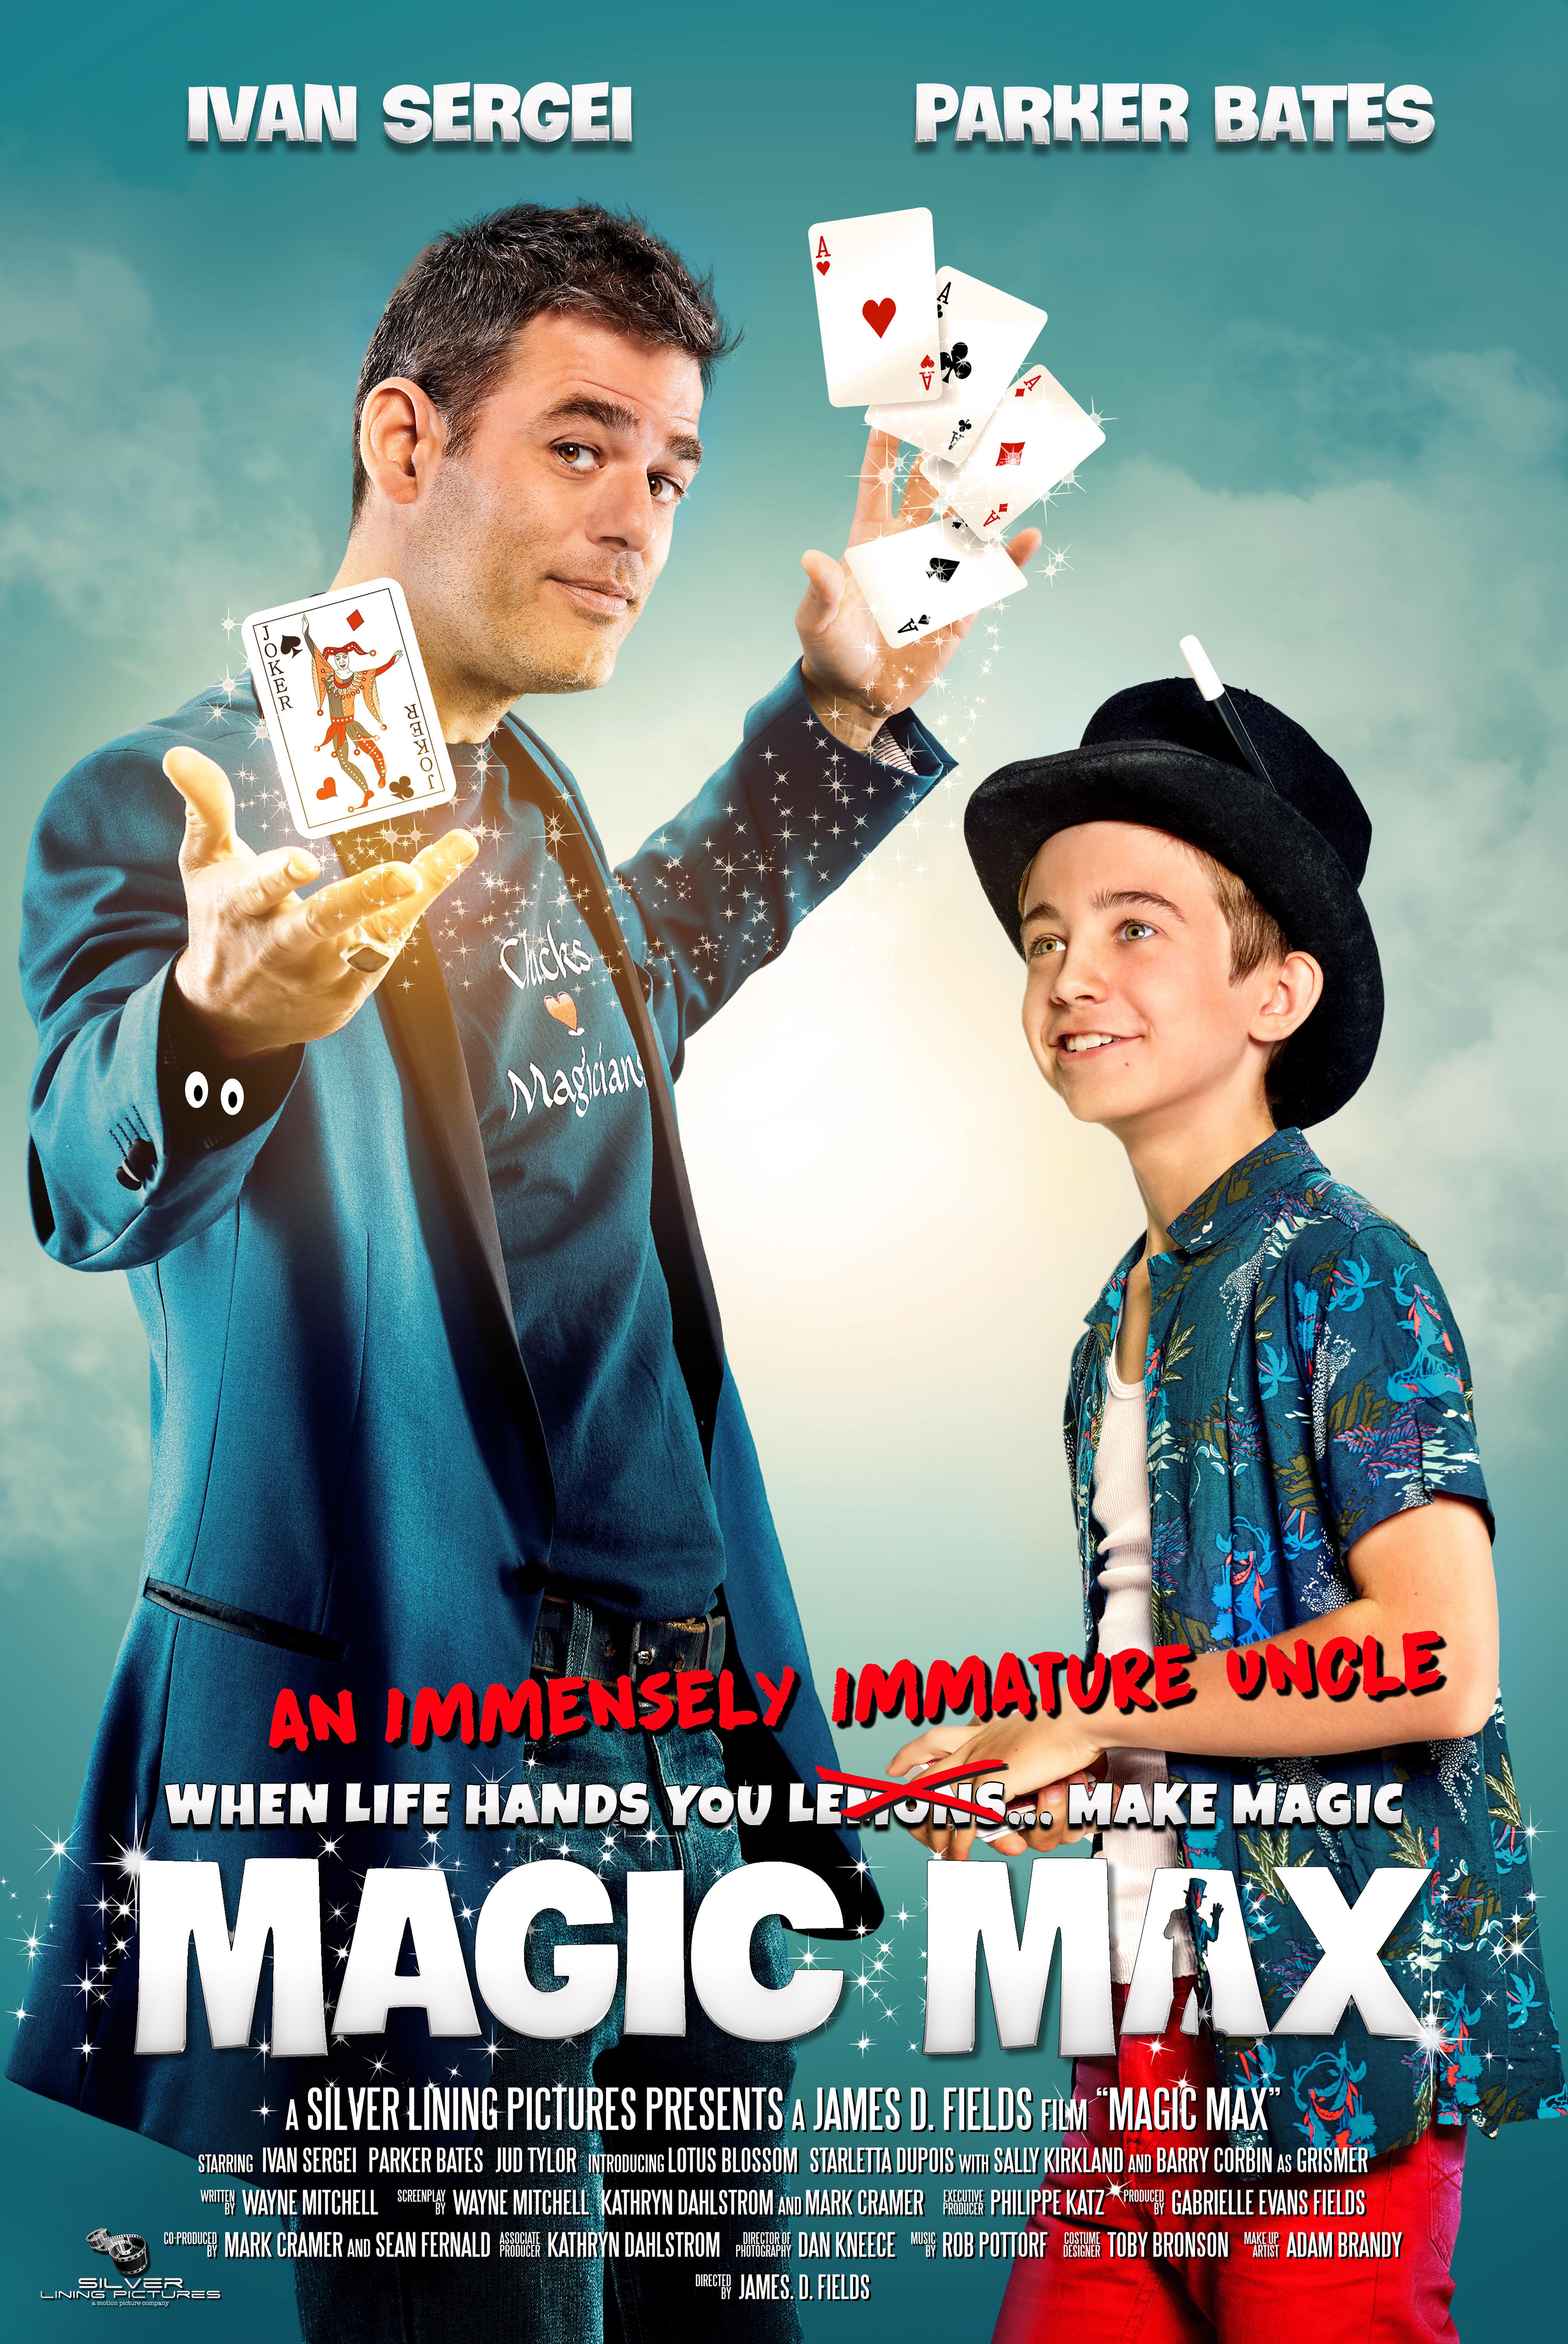 Magic Max poster image